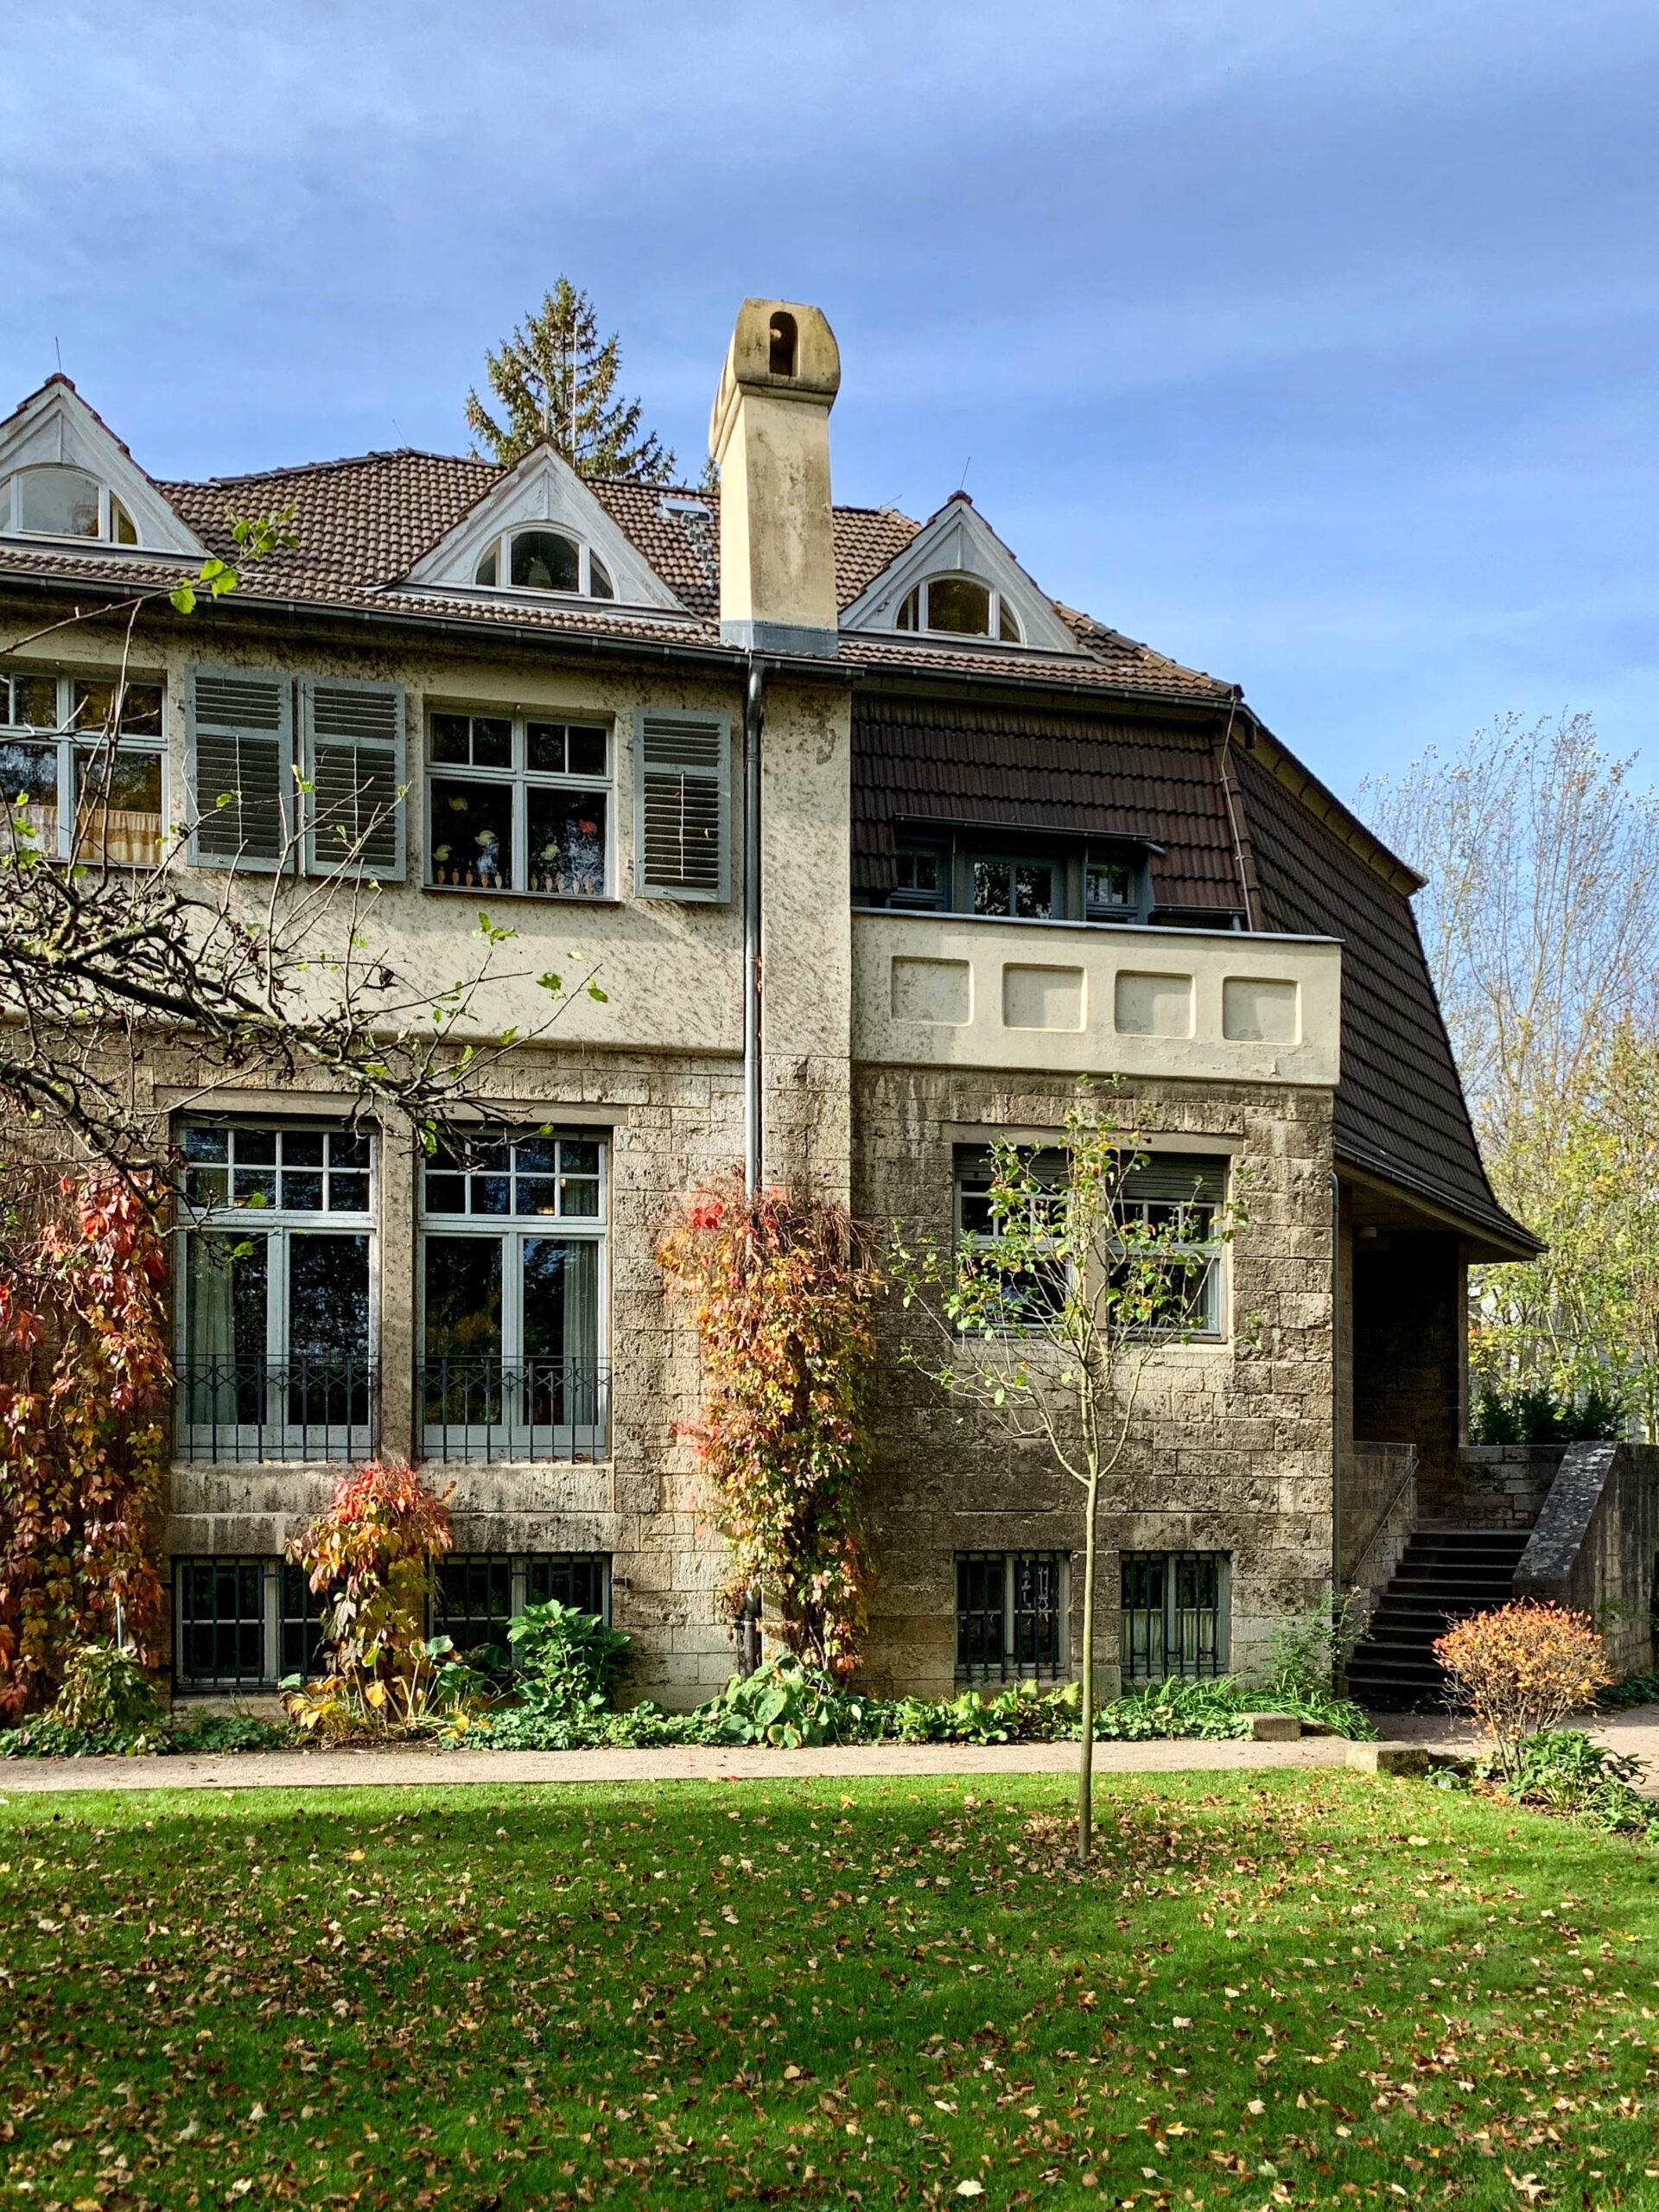 Haus Hohe Pappeln, 1906-1907. Architekt: Henry van de Velde